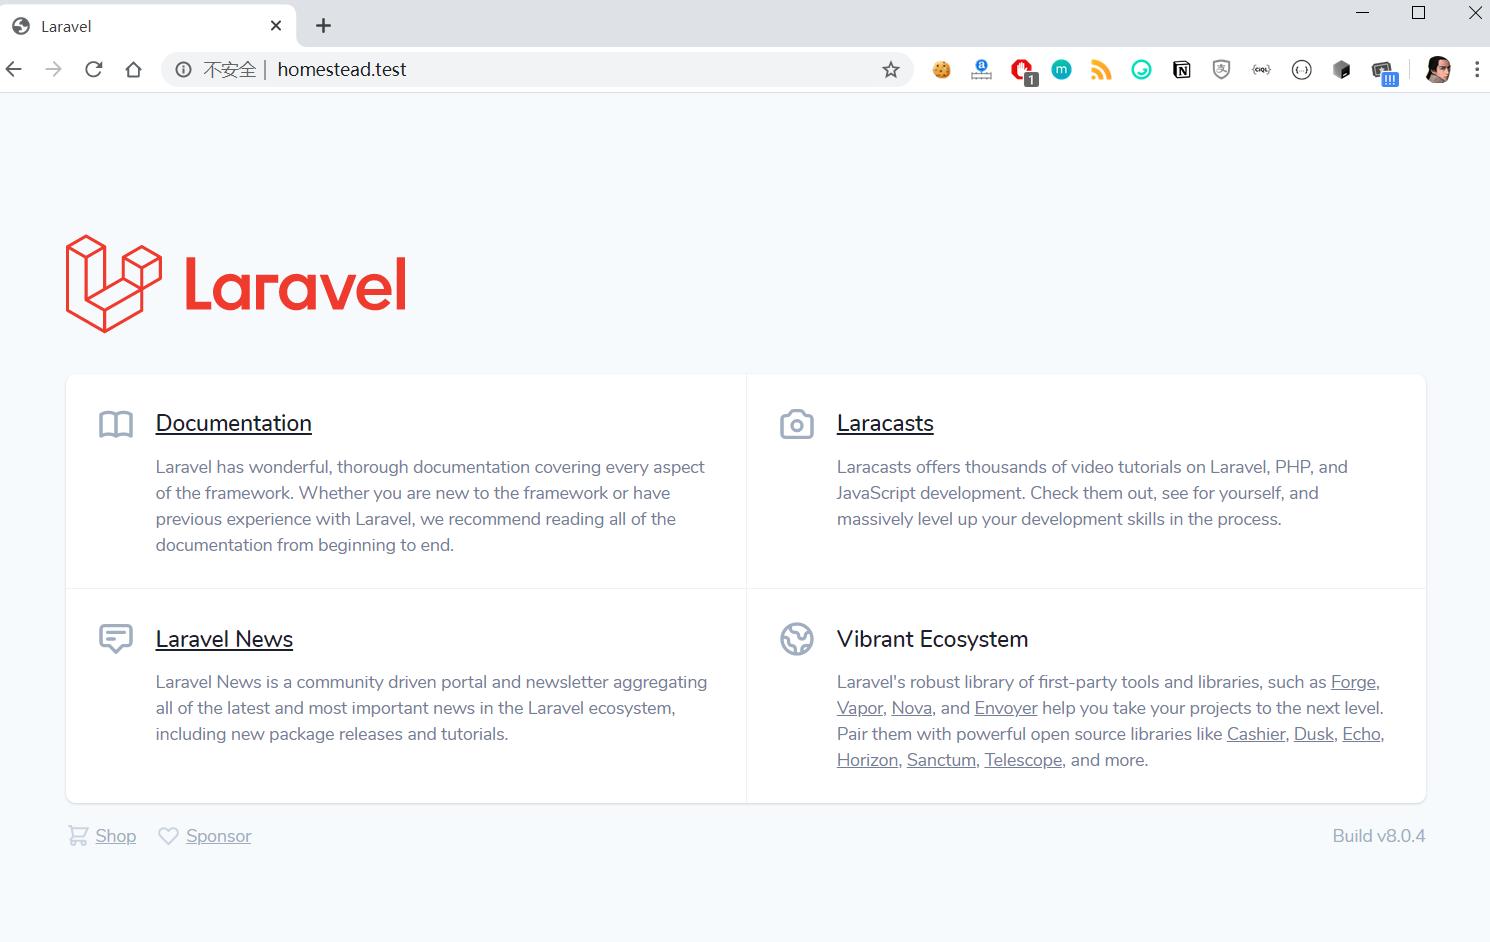 访问部署在 Homestead 中的 Laravel 项目